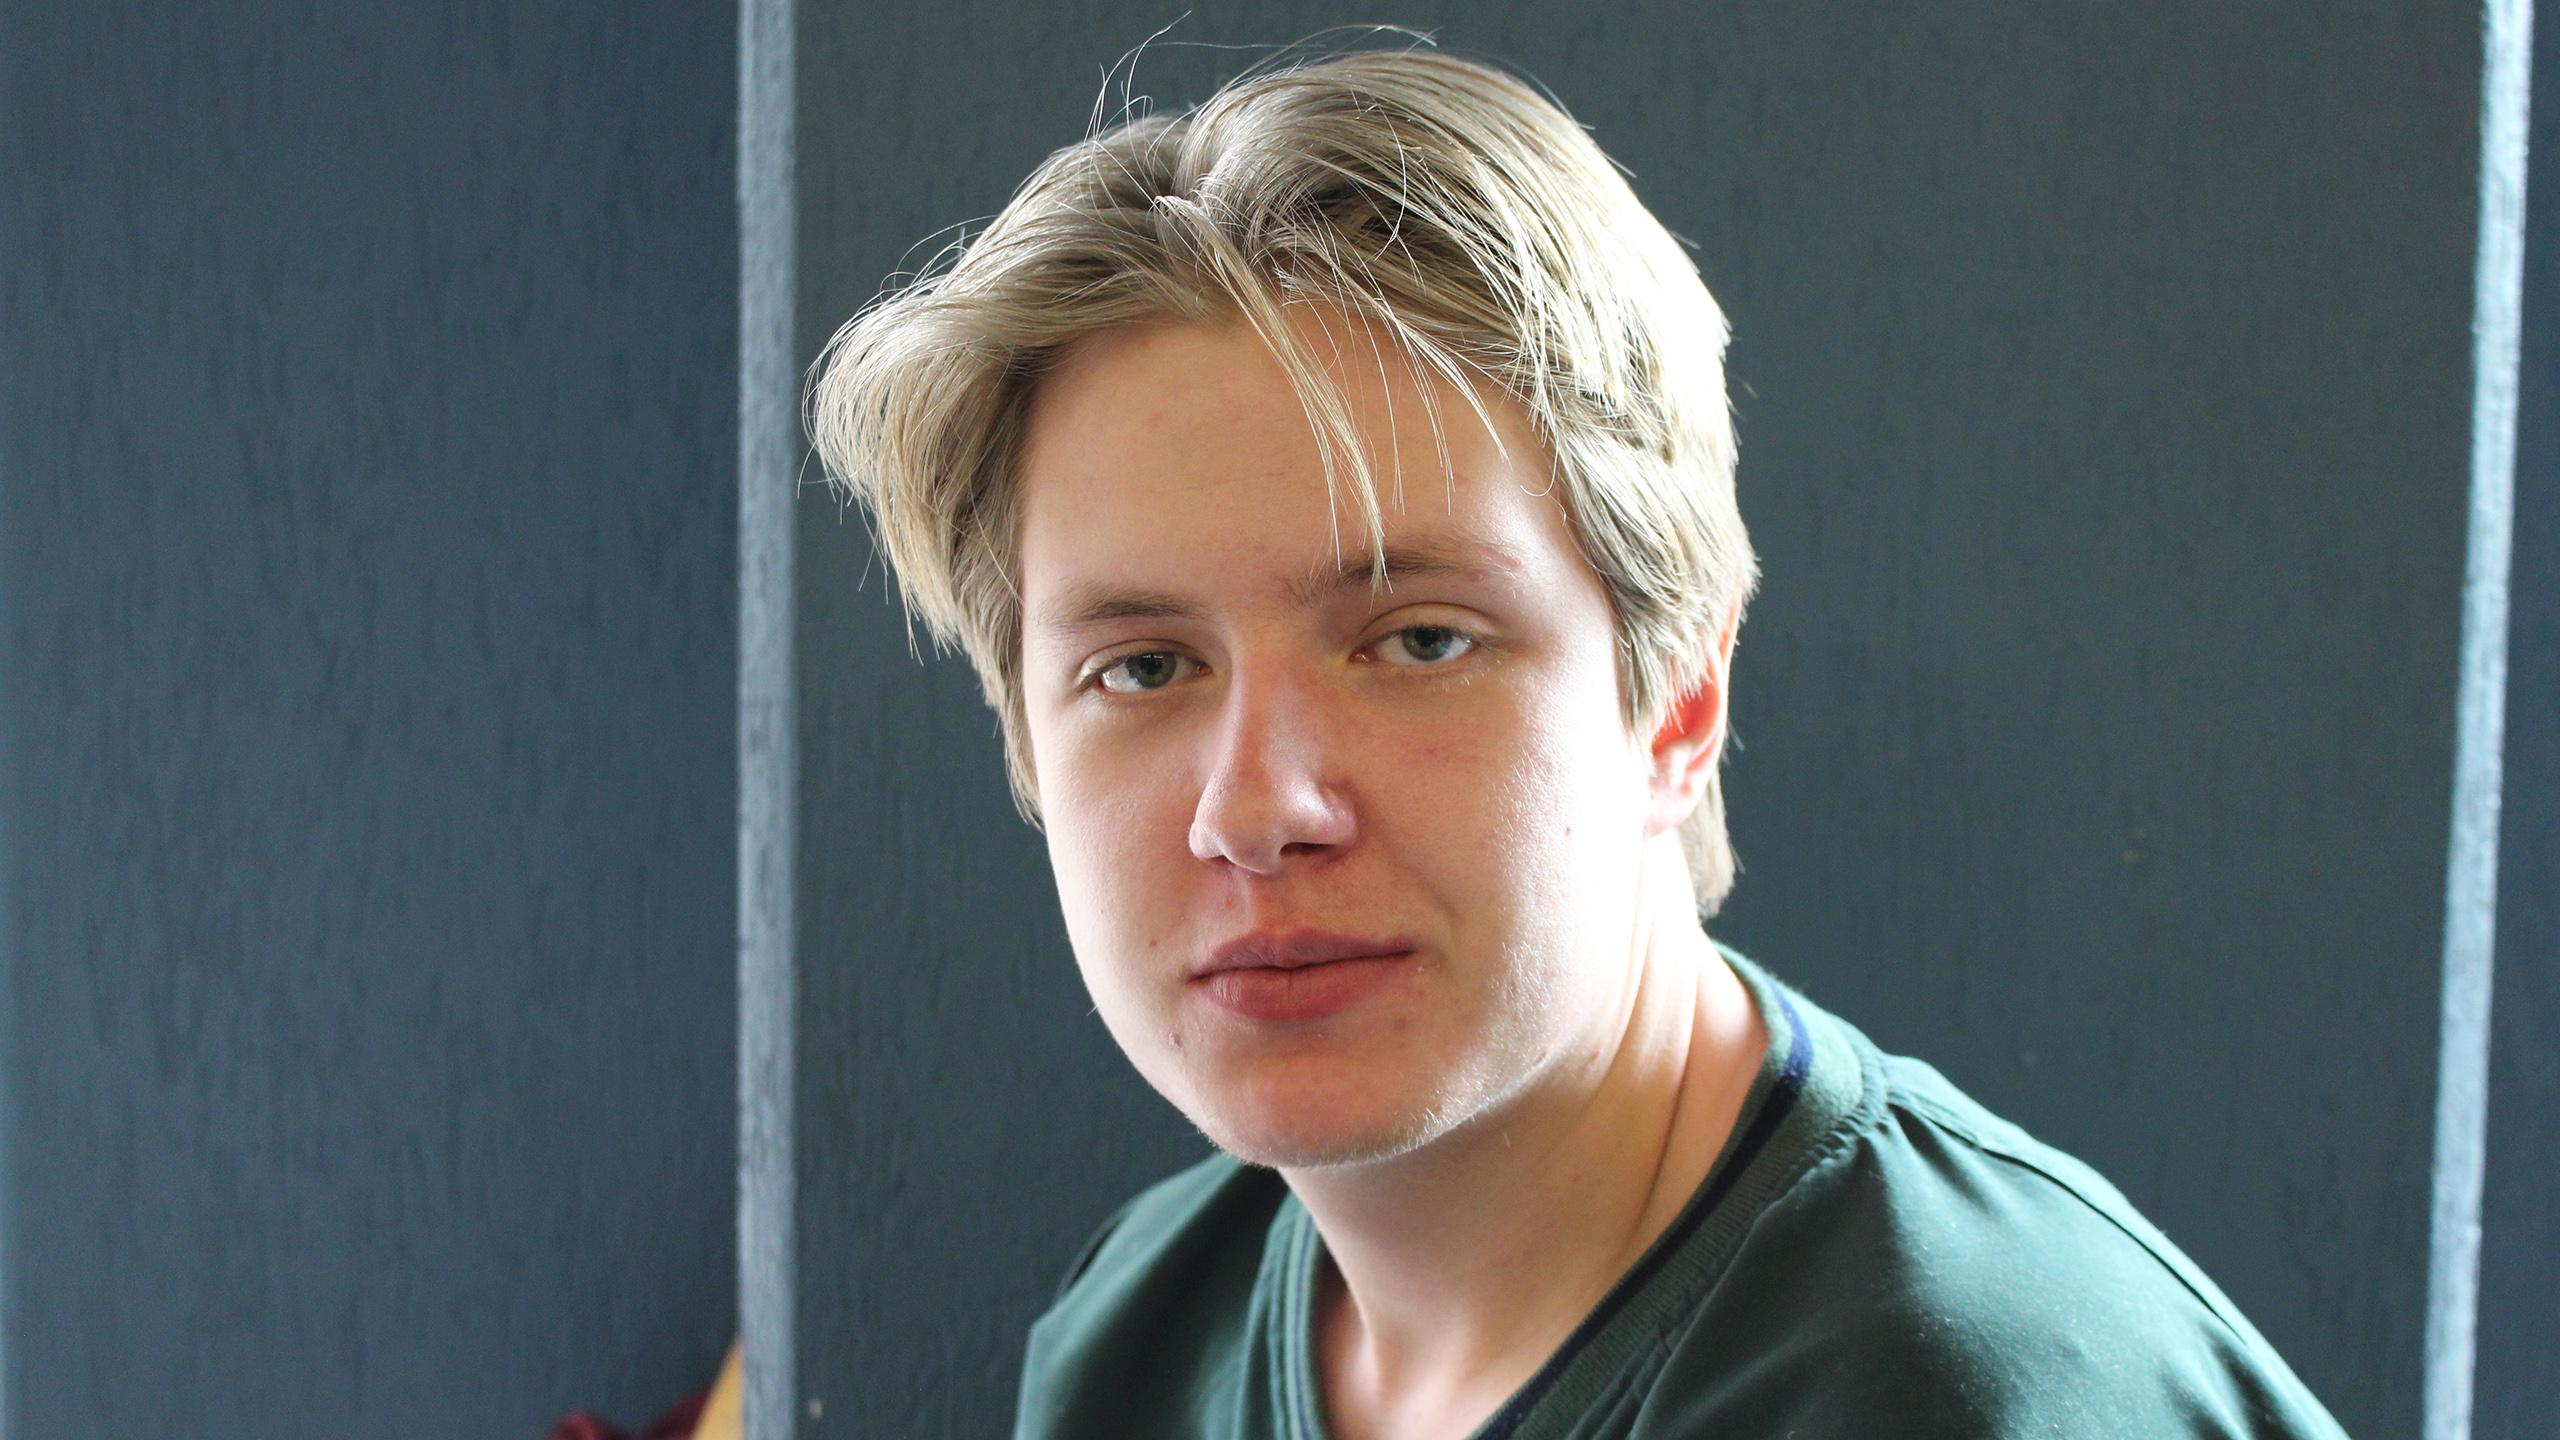 Evan Ferrall